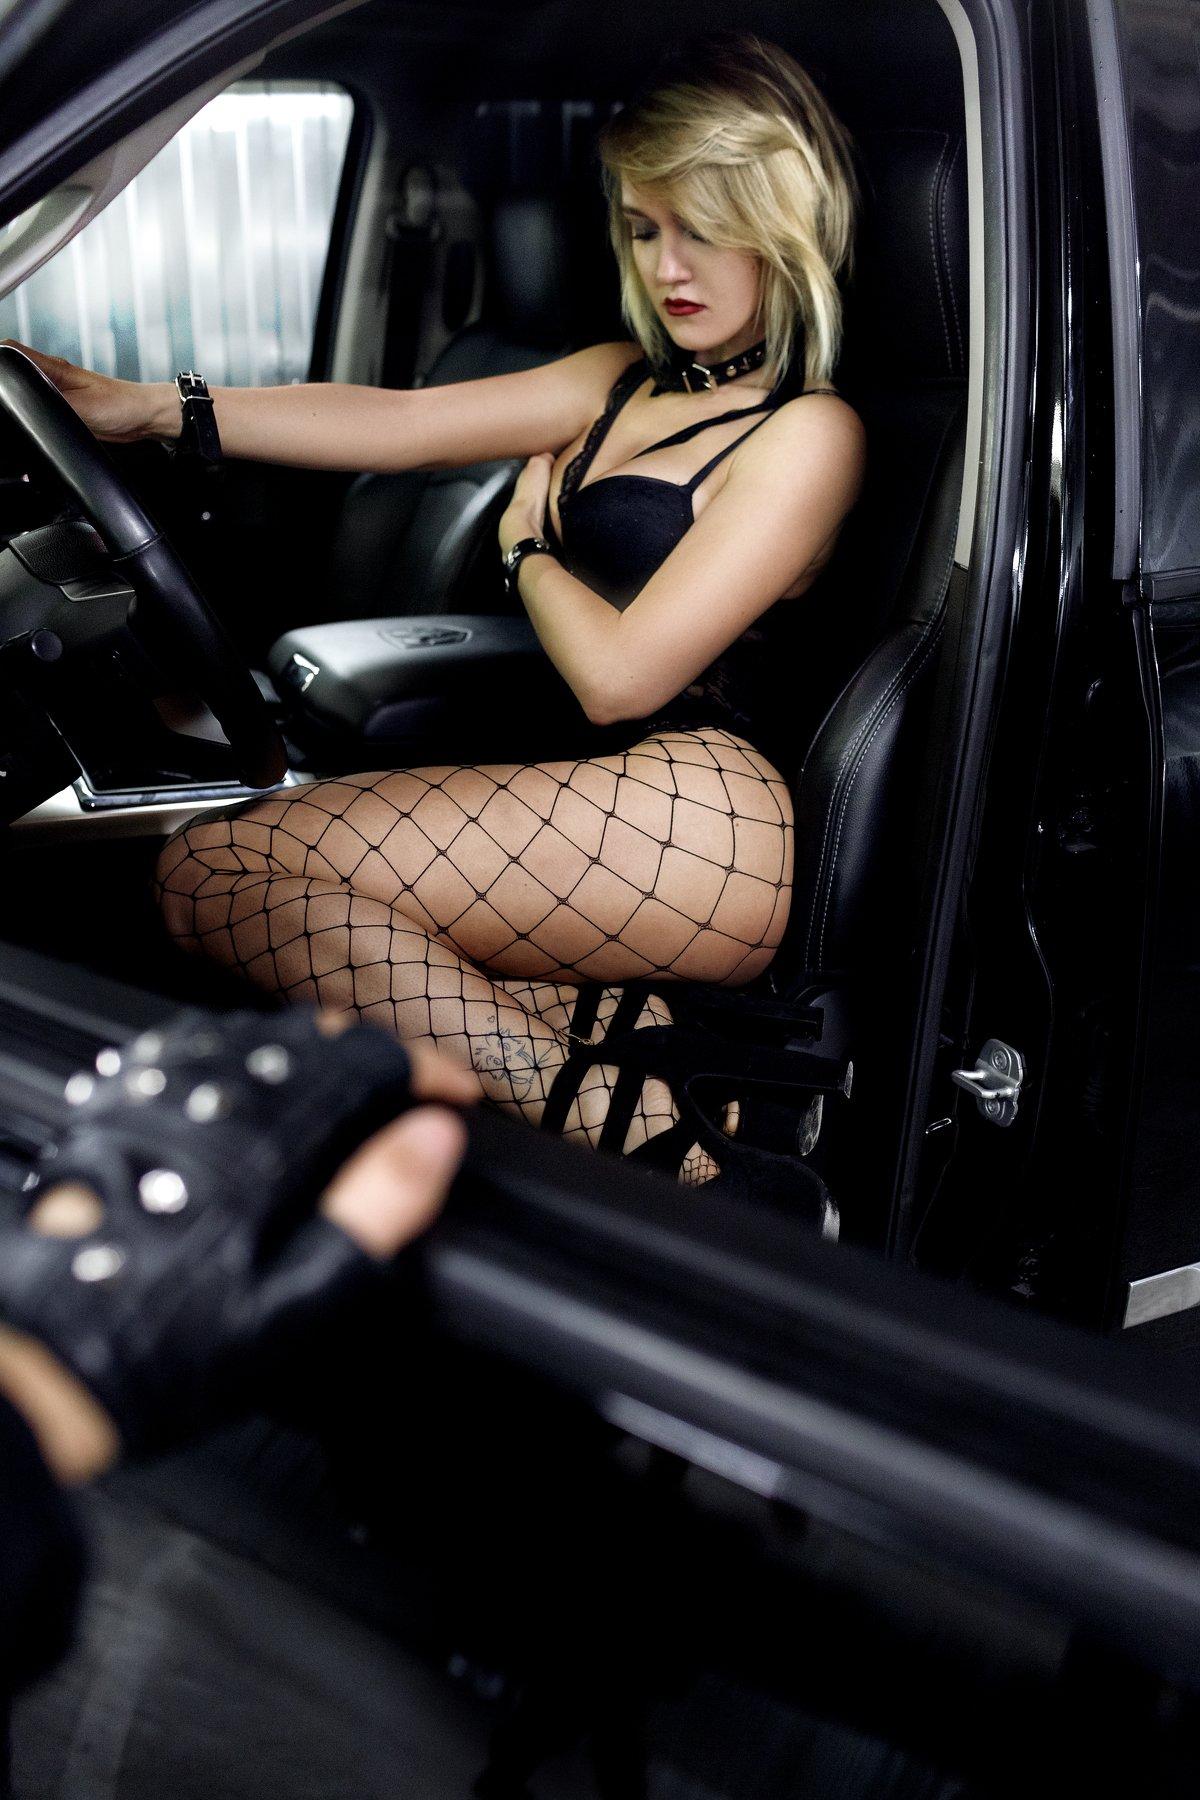 girl beauty car , Dmitry Bastet